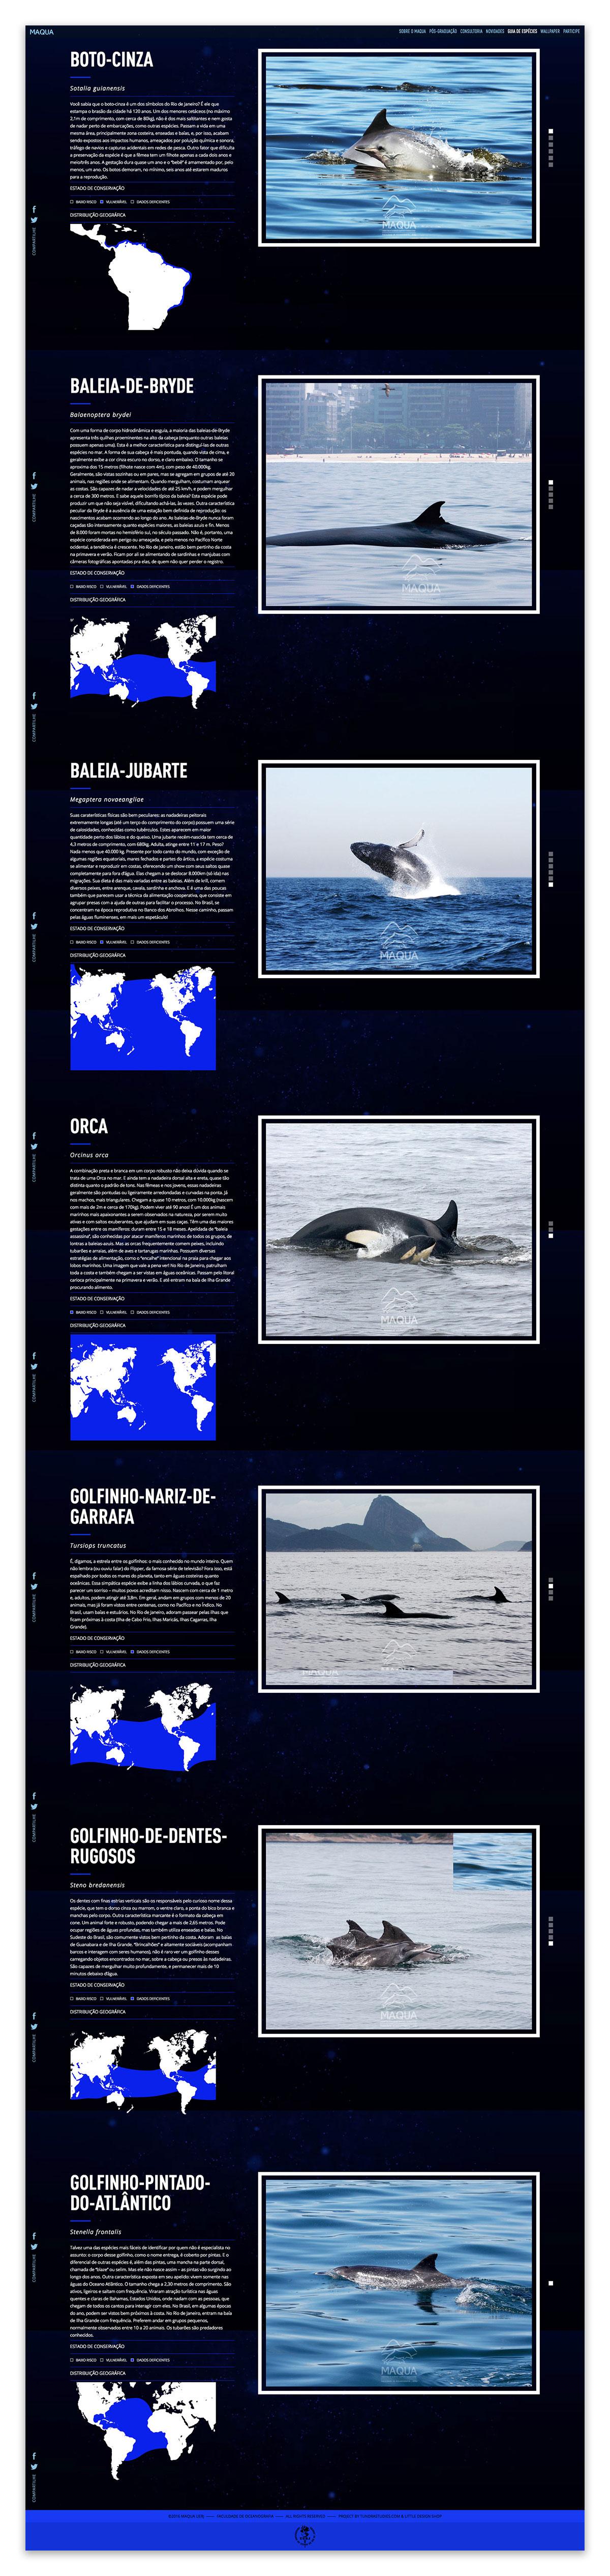 screencapture-maqua-br-guia-de-especies-1518593487421-(1).jpg